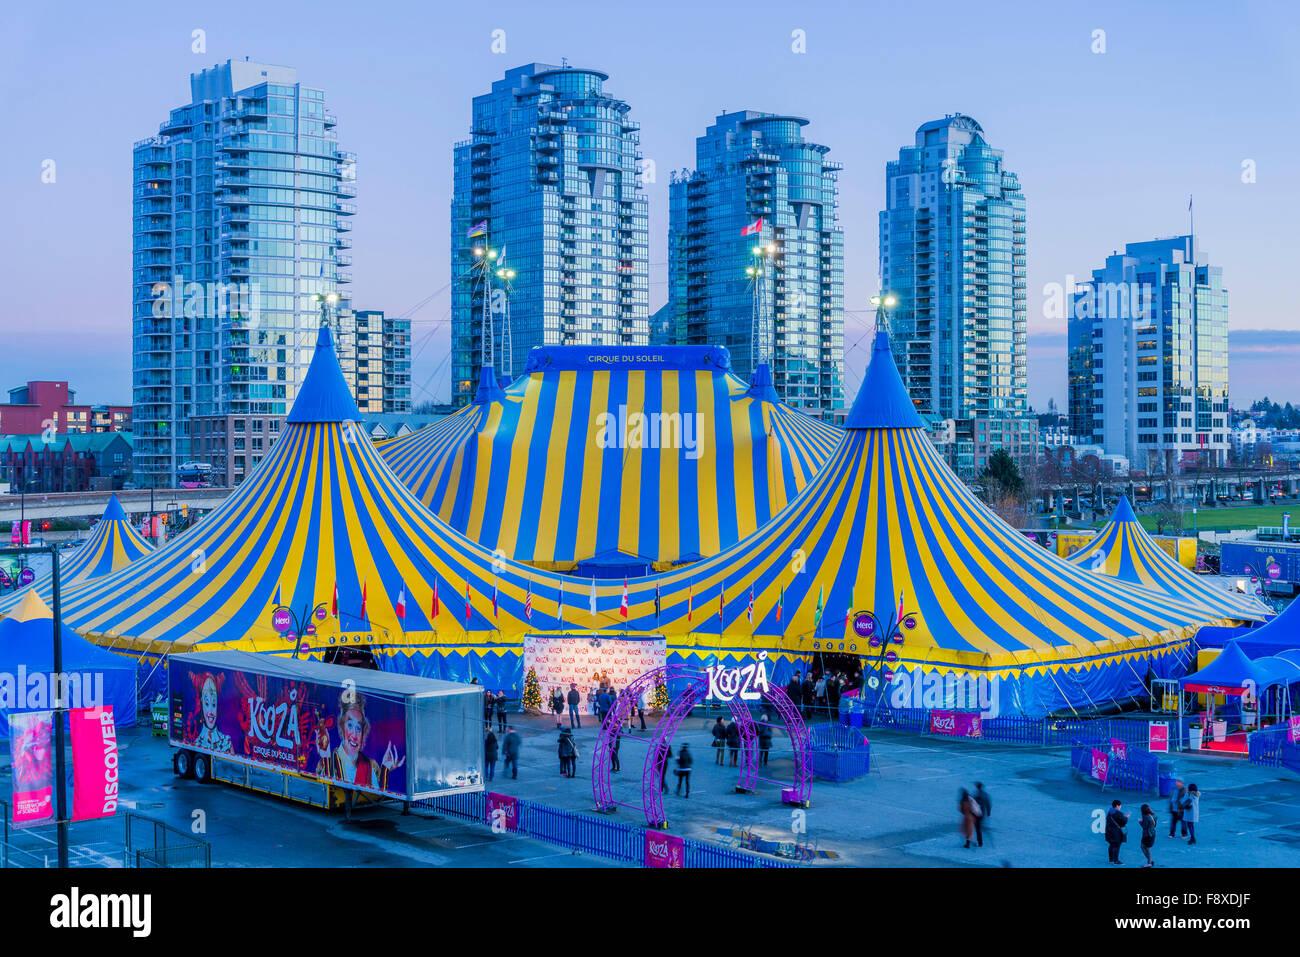 Cirque du Soleil Kooza big top tents Vancouver British Columbia Canada & Cirque du Soleil Kooza big top tents Vancouver British Columbia ...